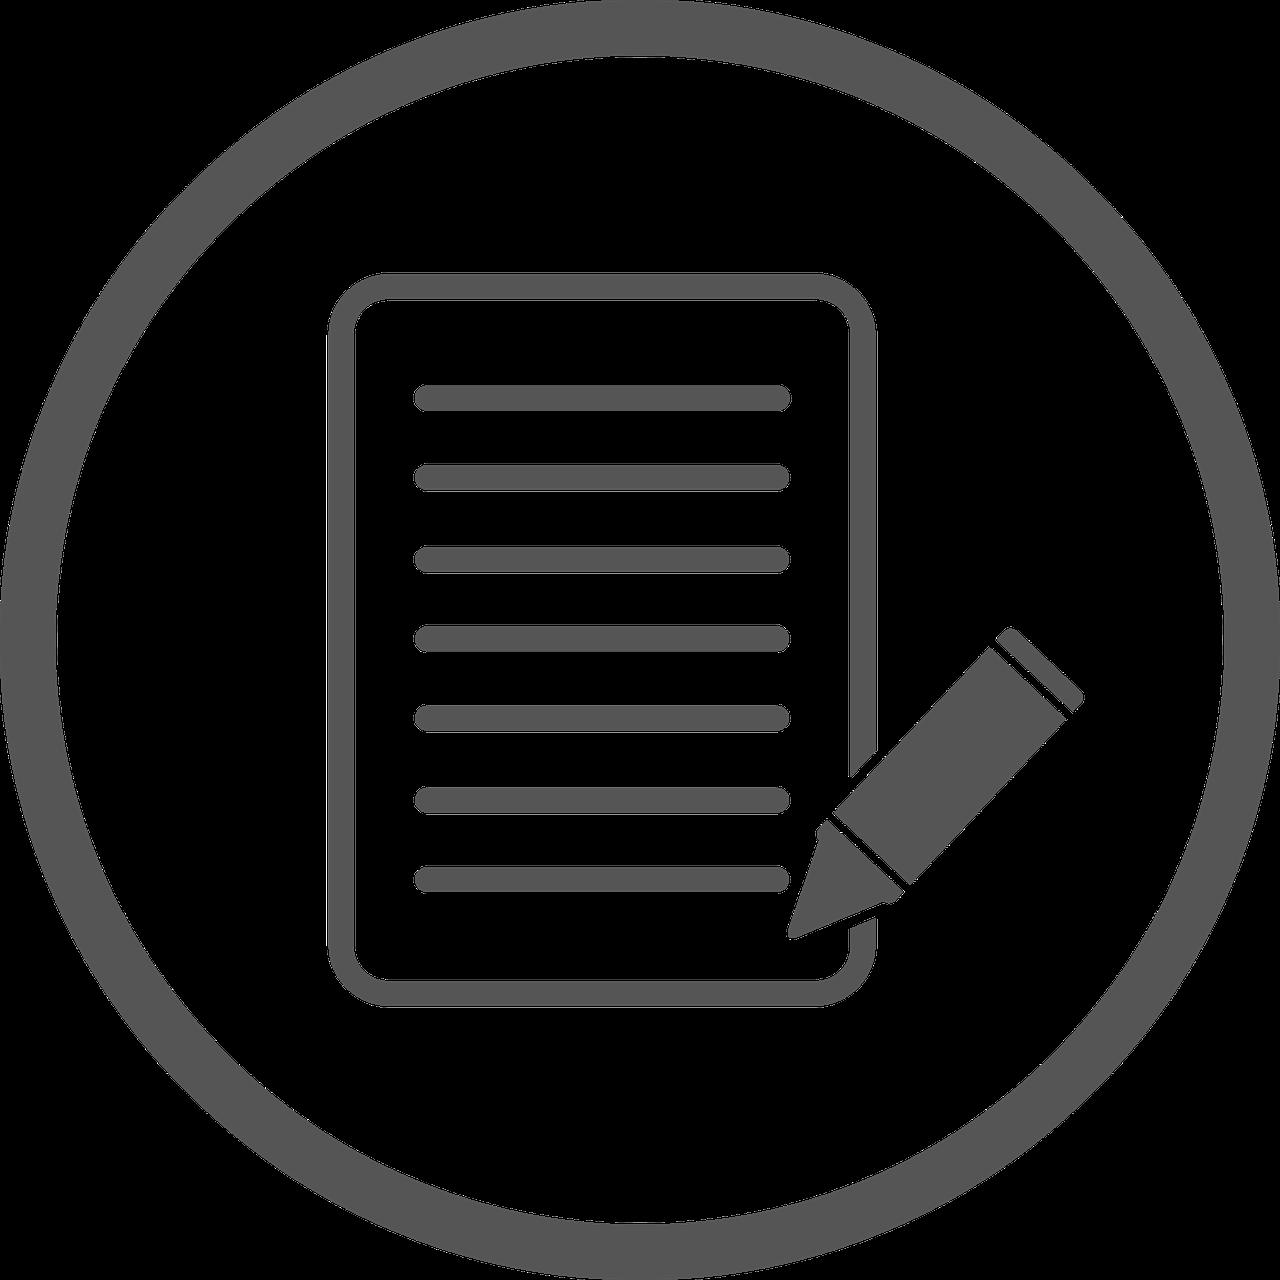 3 ซอฟแวร์ฟรีที่สามารถใช้แทน Microsoft Word